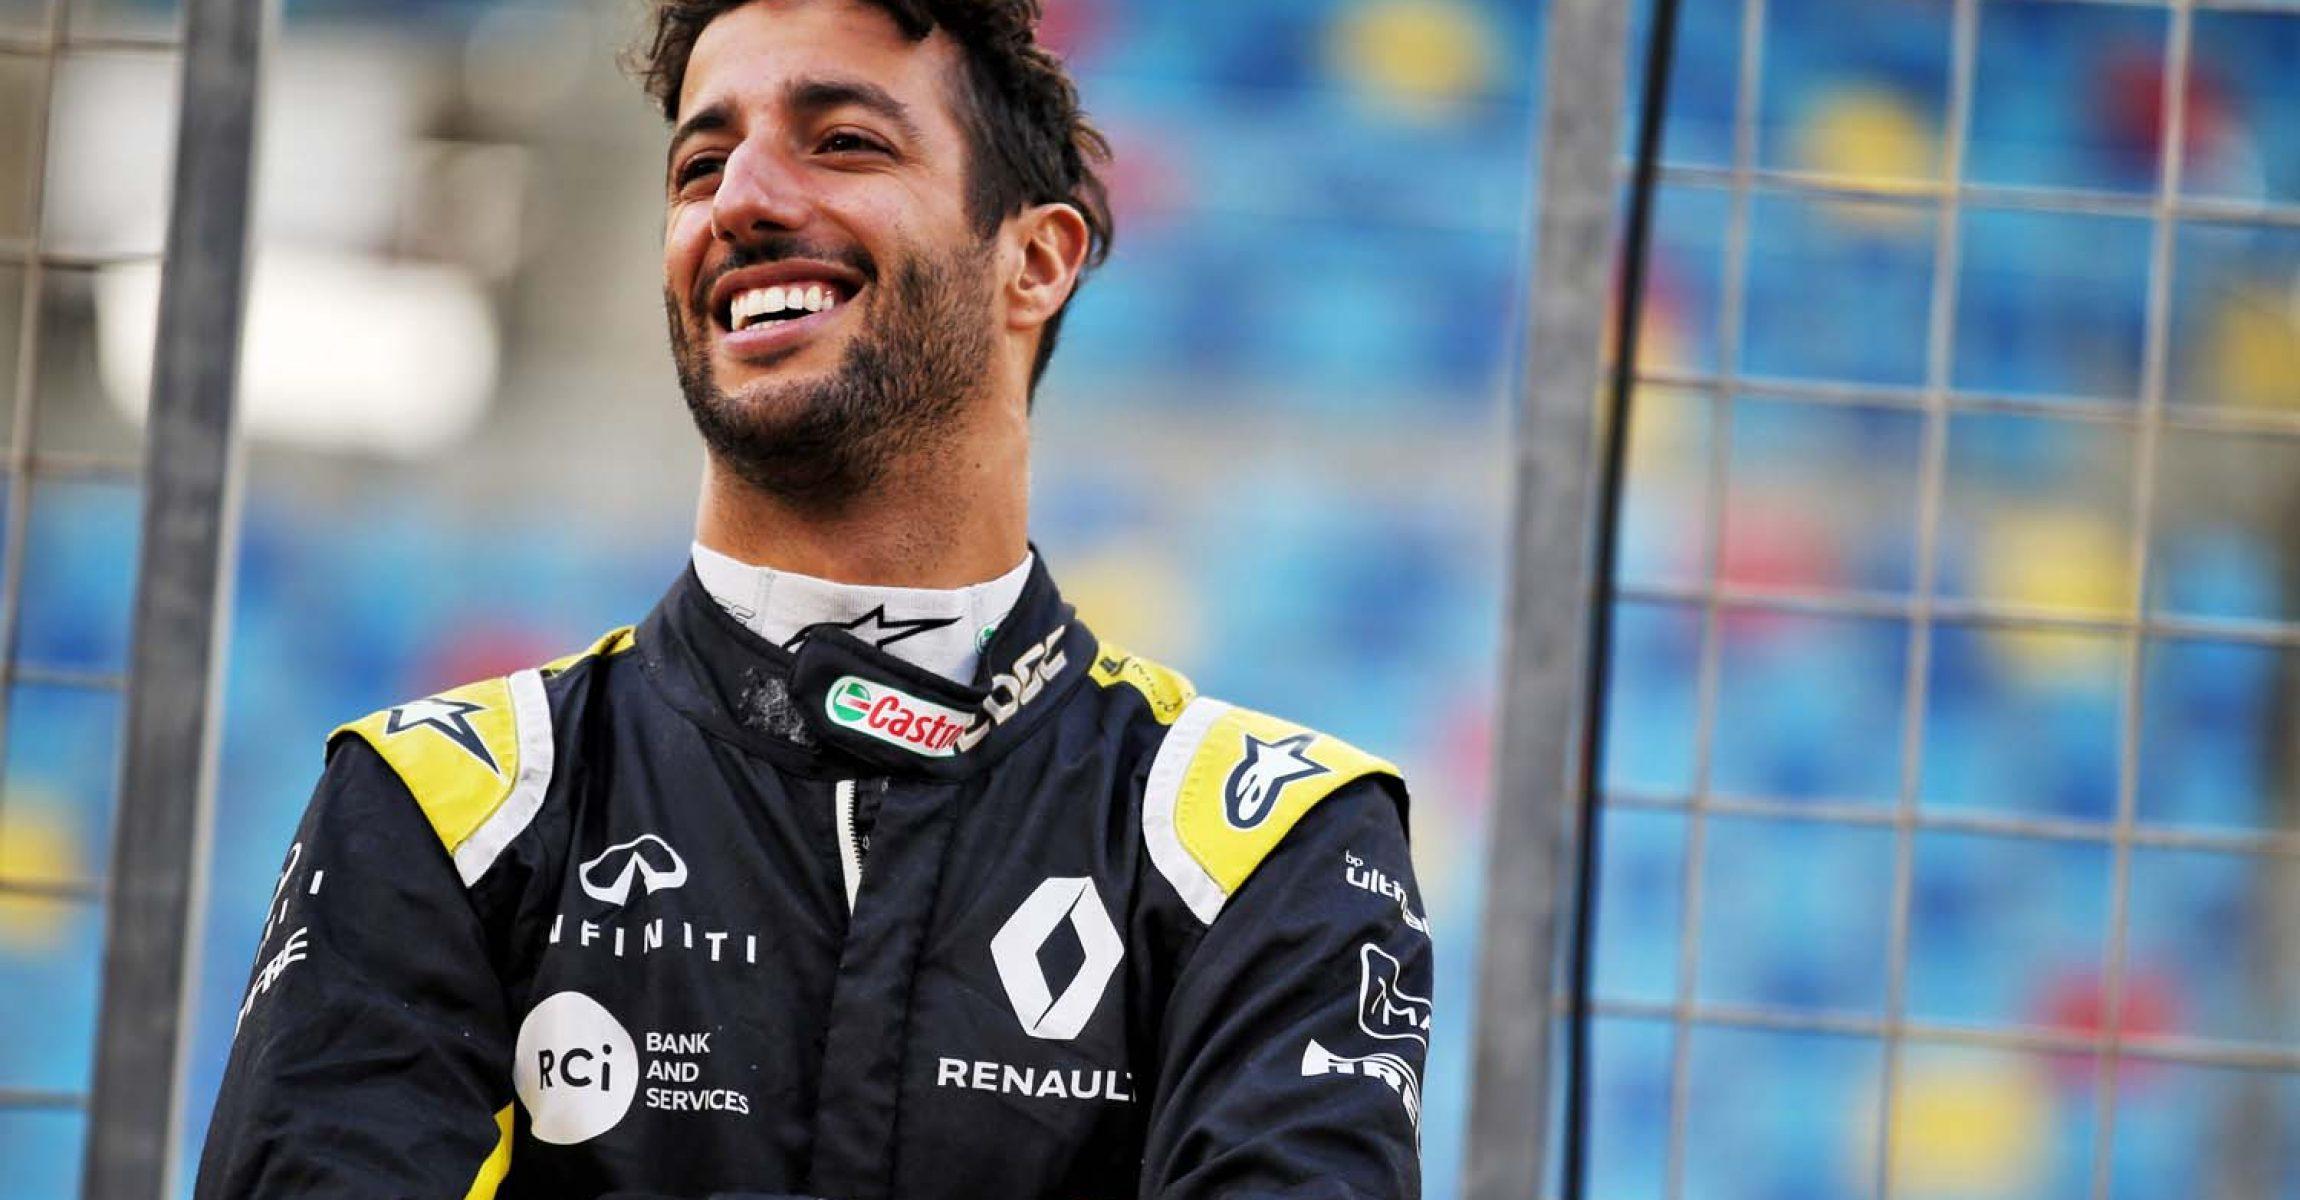 Motor Racing - Formula One World Championship - In-Season Testing - Tuesday - Sakhir, Bahrain